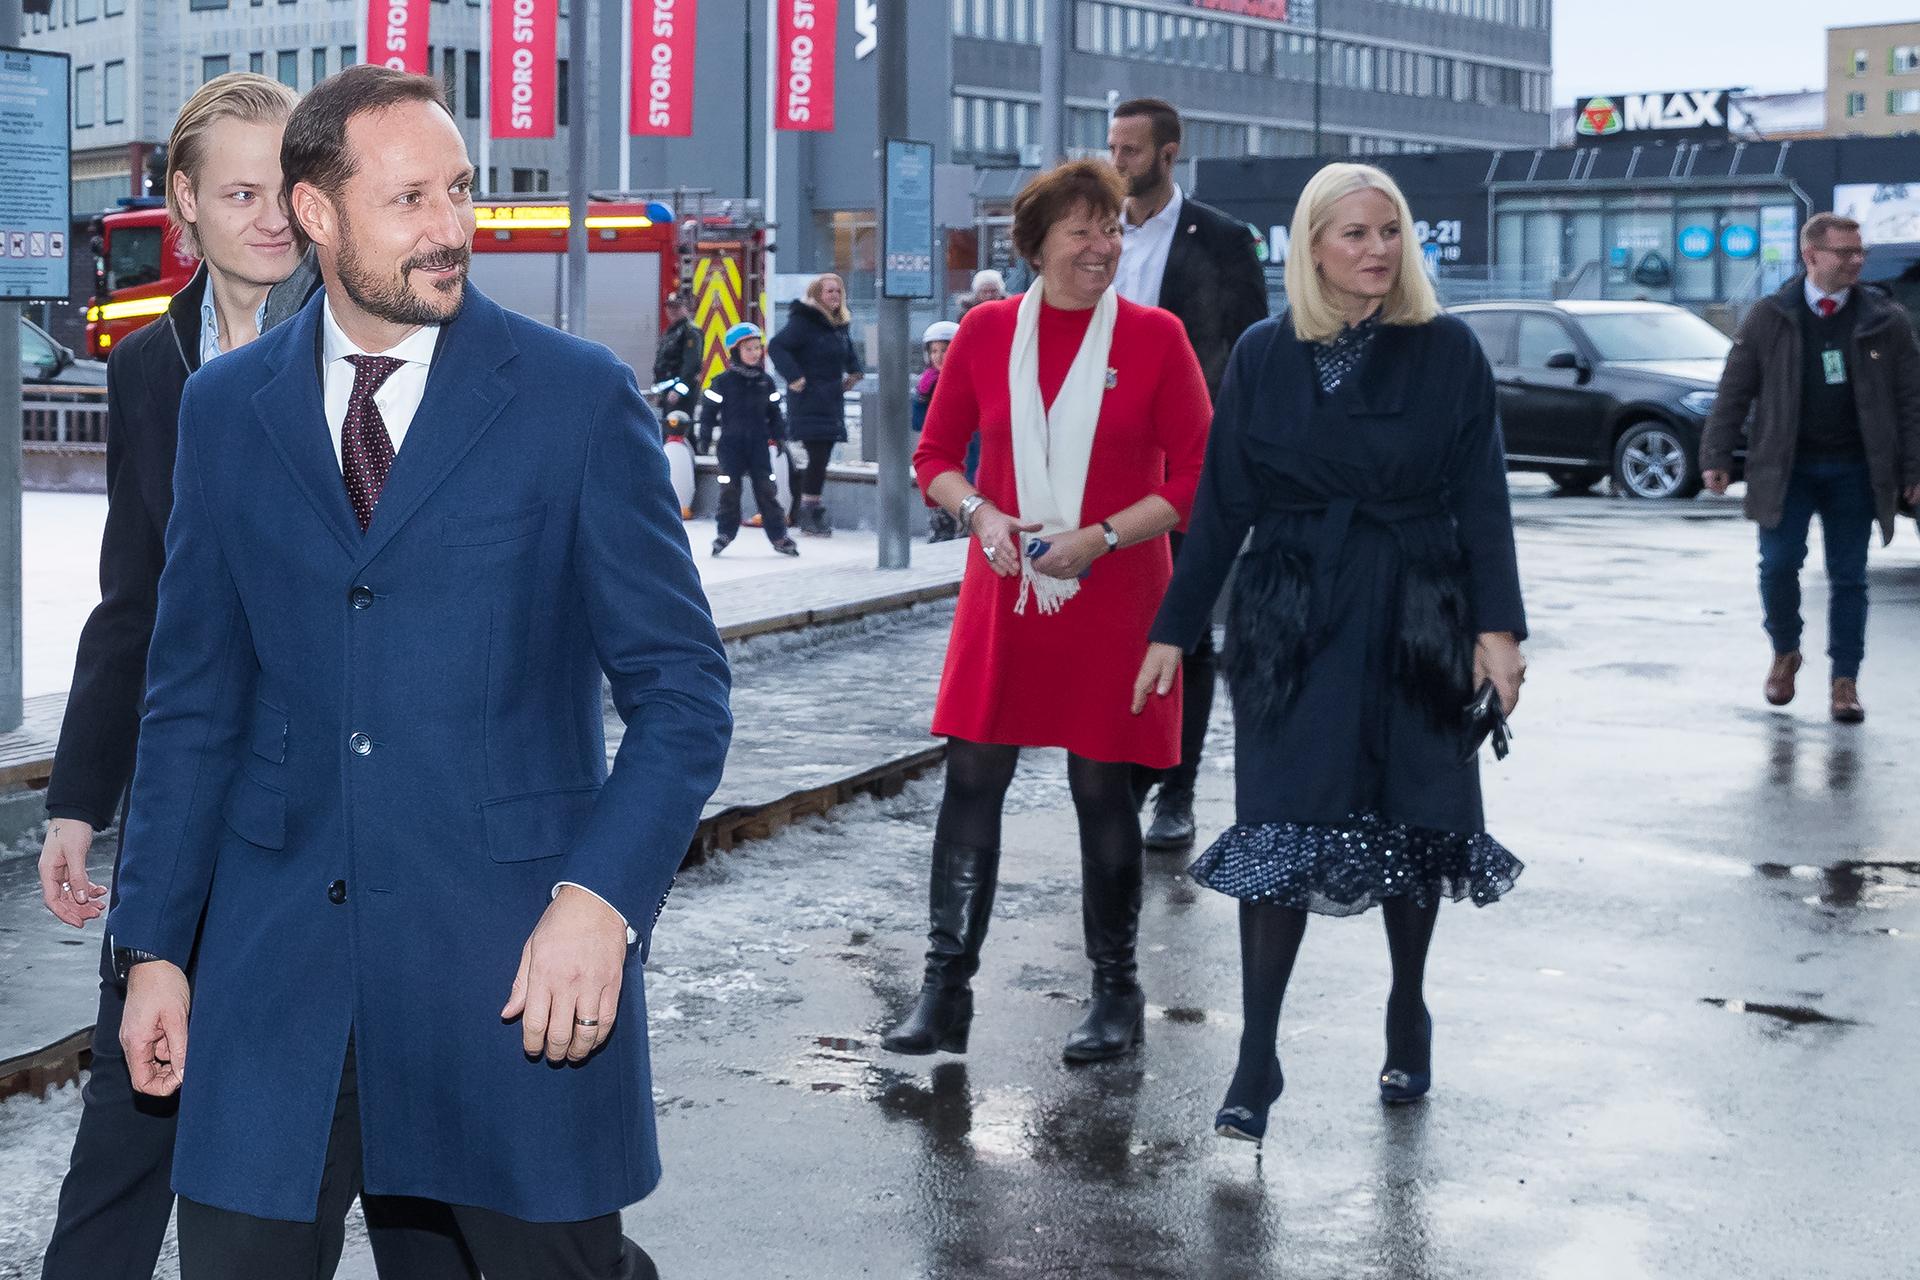 Para protegerse del frío invierno europeo, eligió un tapado con piel en sus bolsillos, ceñido a la cintura /// Fotos: Getty Images